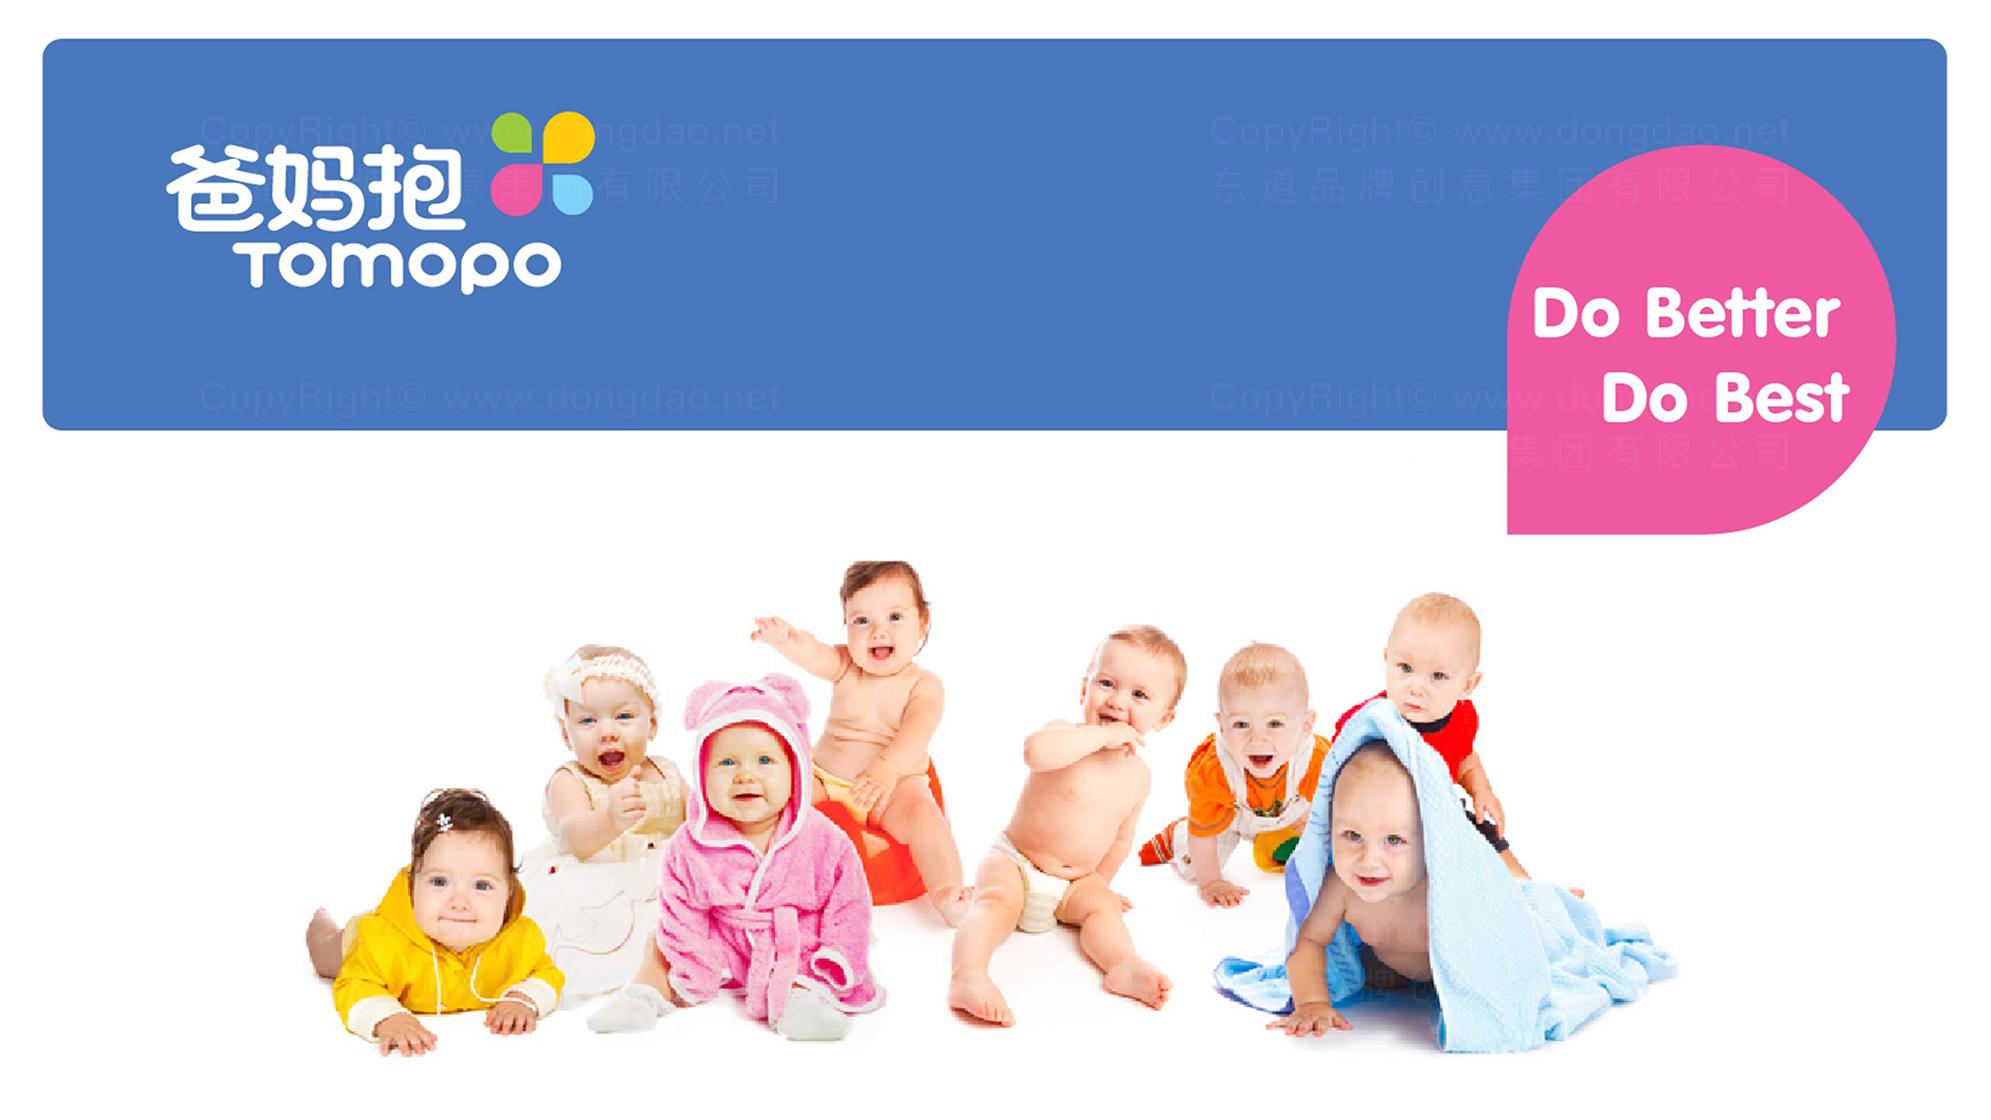 品牌设计爸妈抱母婴tomopo标志设计应用